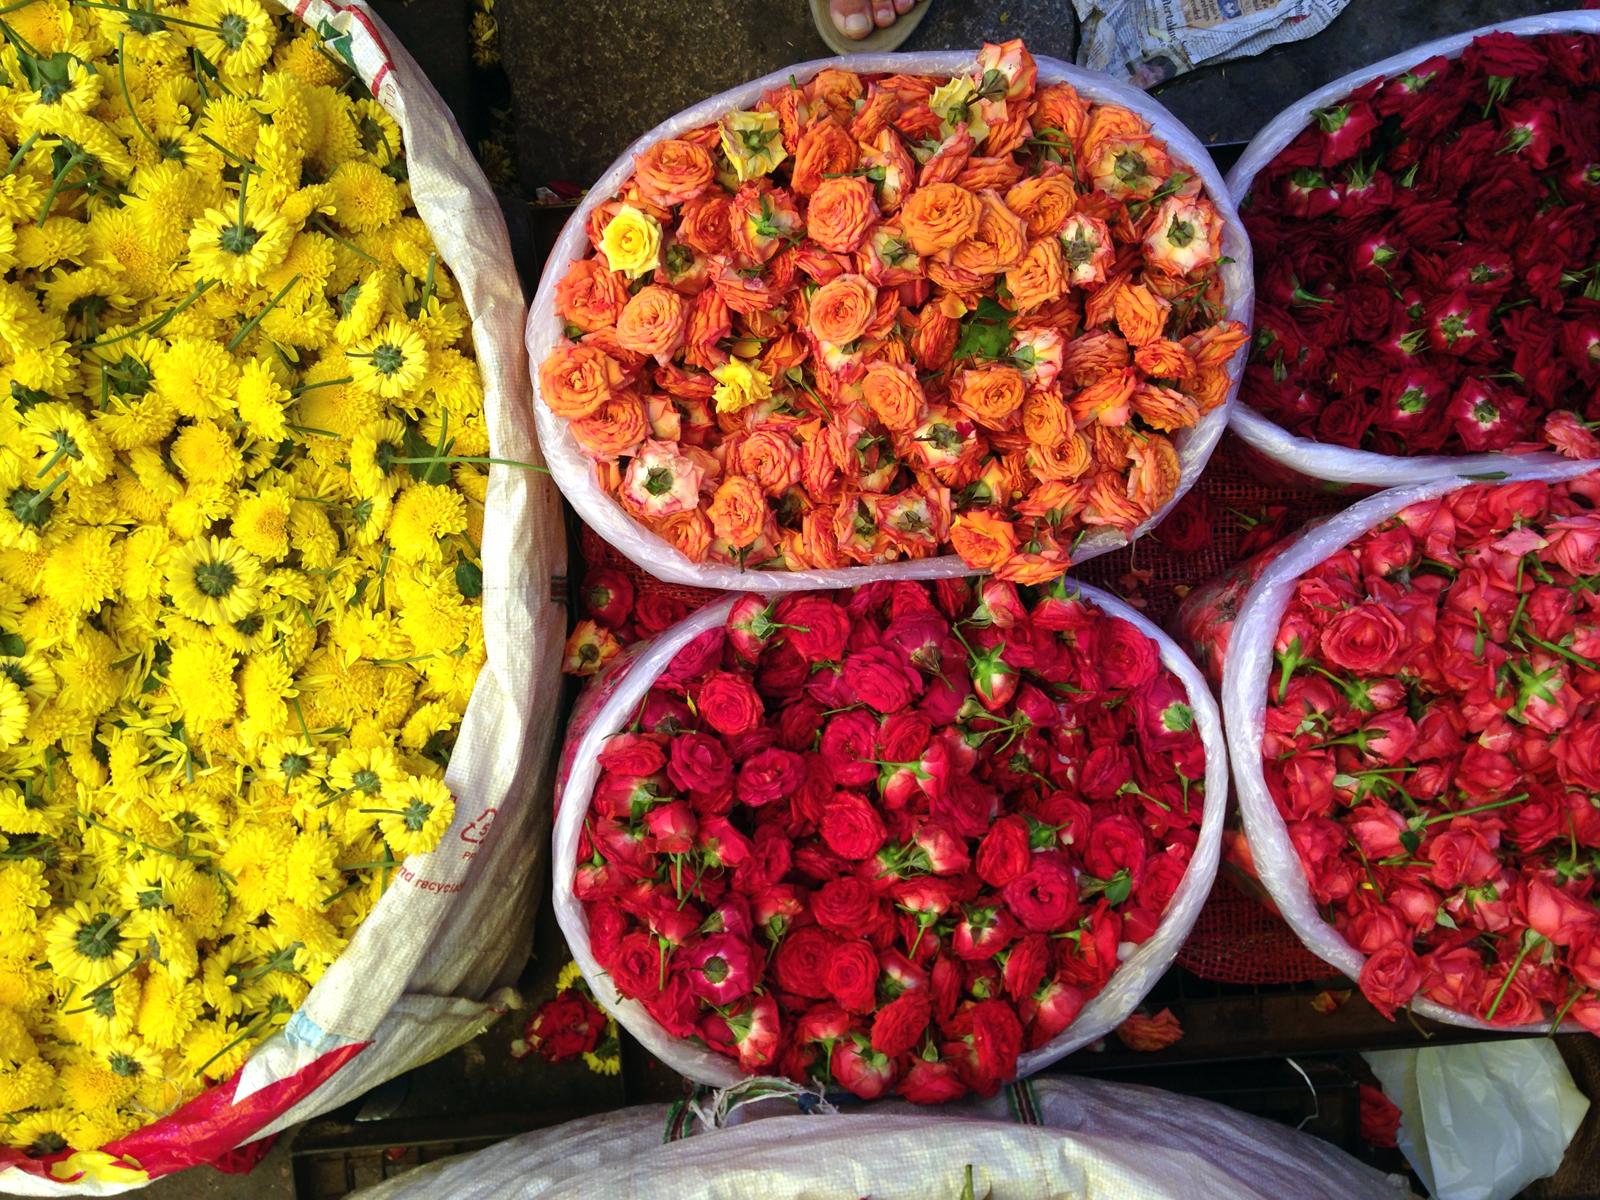 flower-market-india.jpg